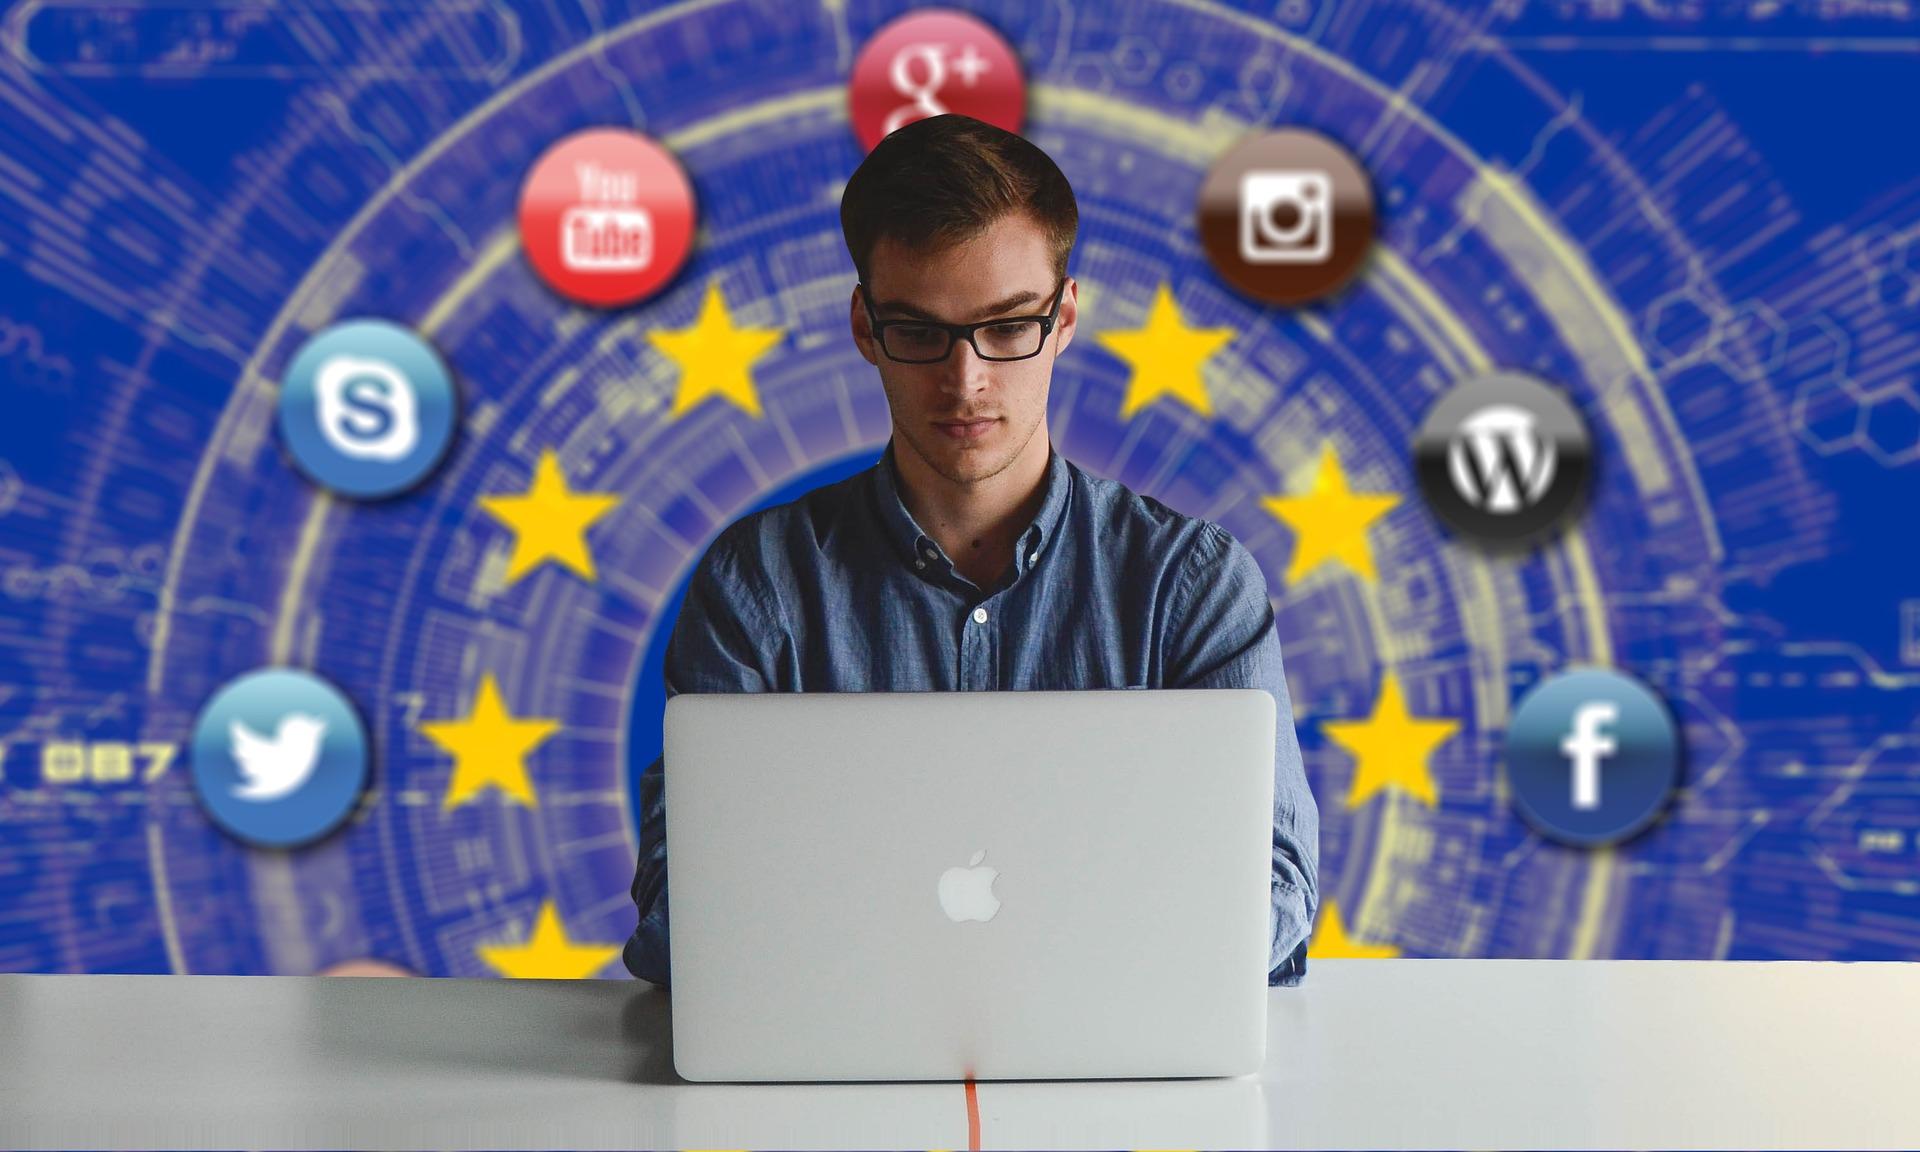 curso proteccion de datos y concienciacion ciberseguridad